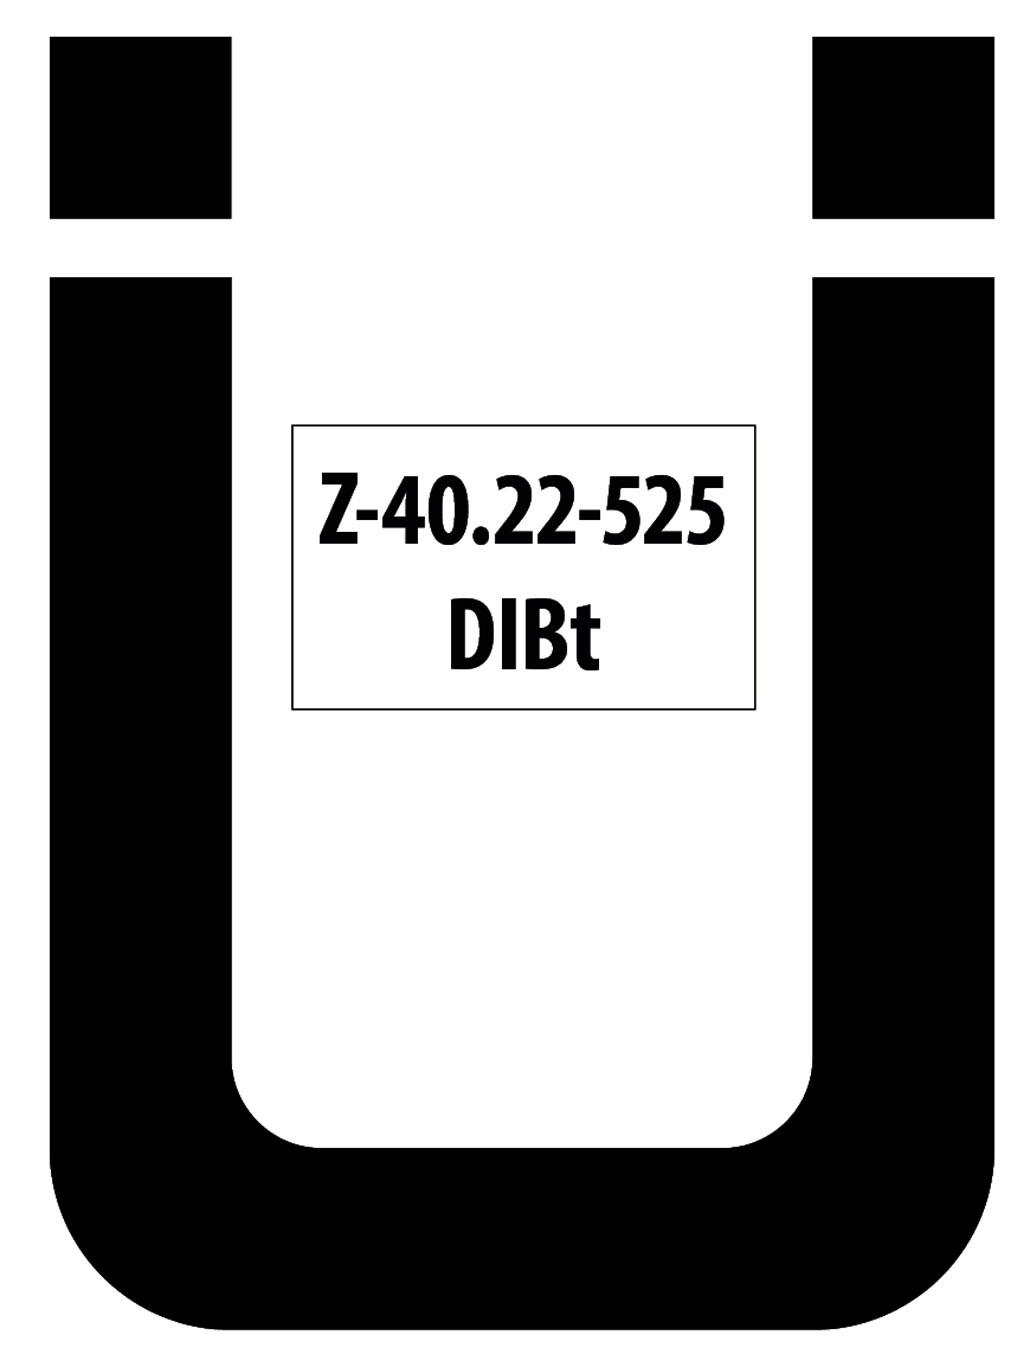 11_allg_bauaufsichtliche_zulassung_dibt_berlin.jpg